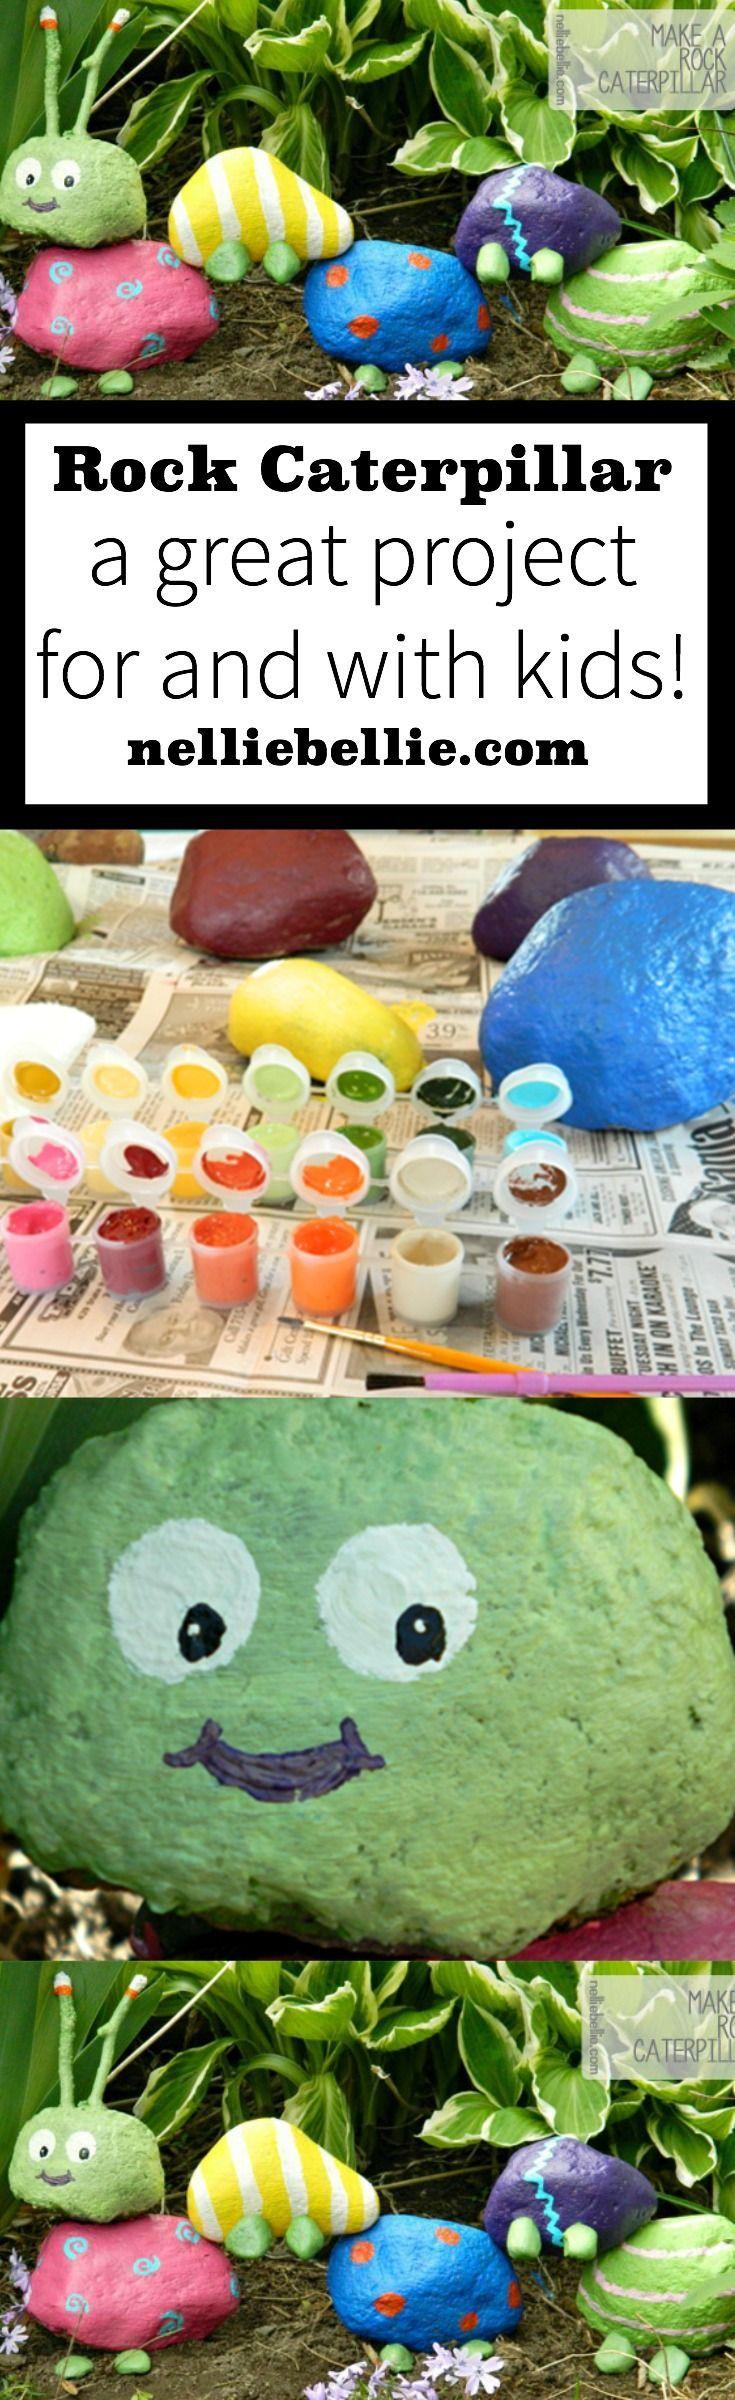 A fun garden craft for kids! Rocks and paint create a rock caterpillar!